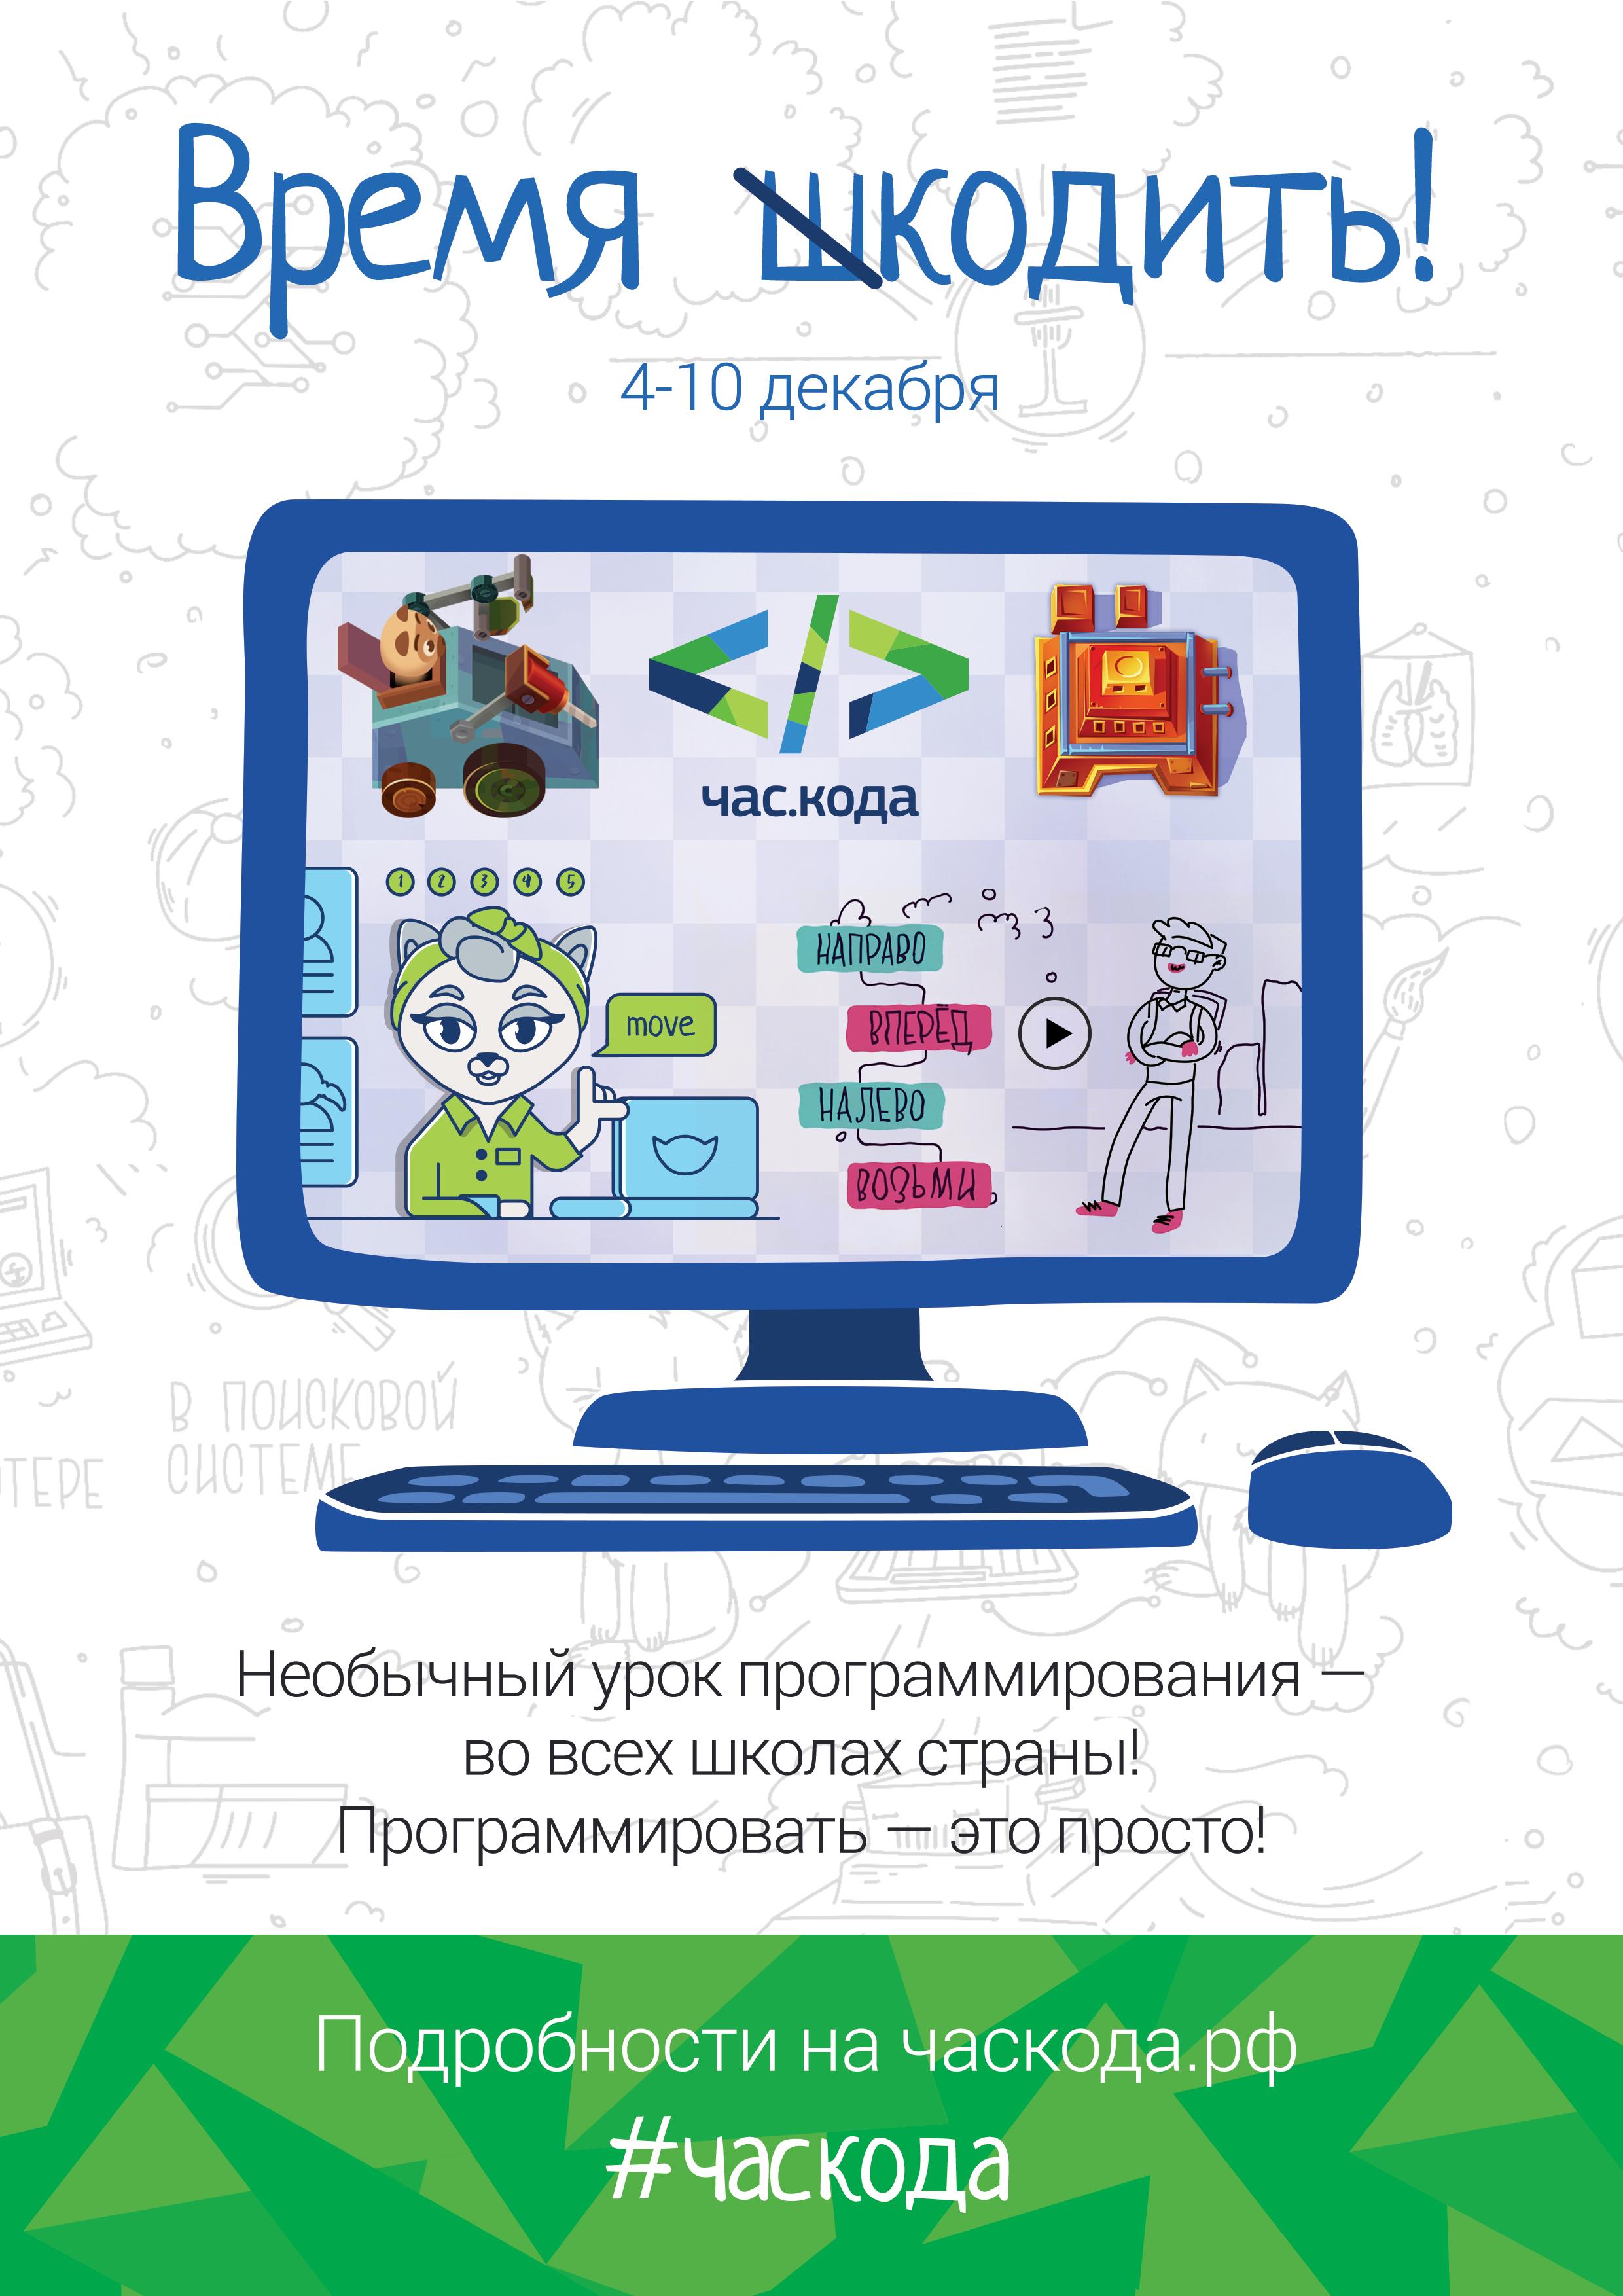 http://vozdv-shkola.ucoz.ru/2017-2018/3.jpg